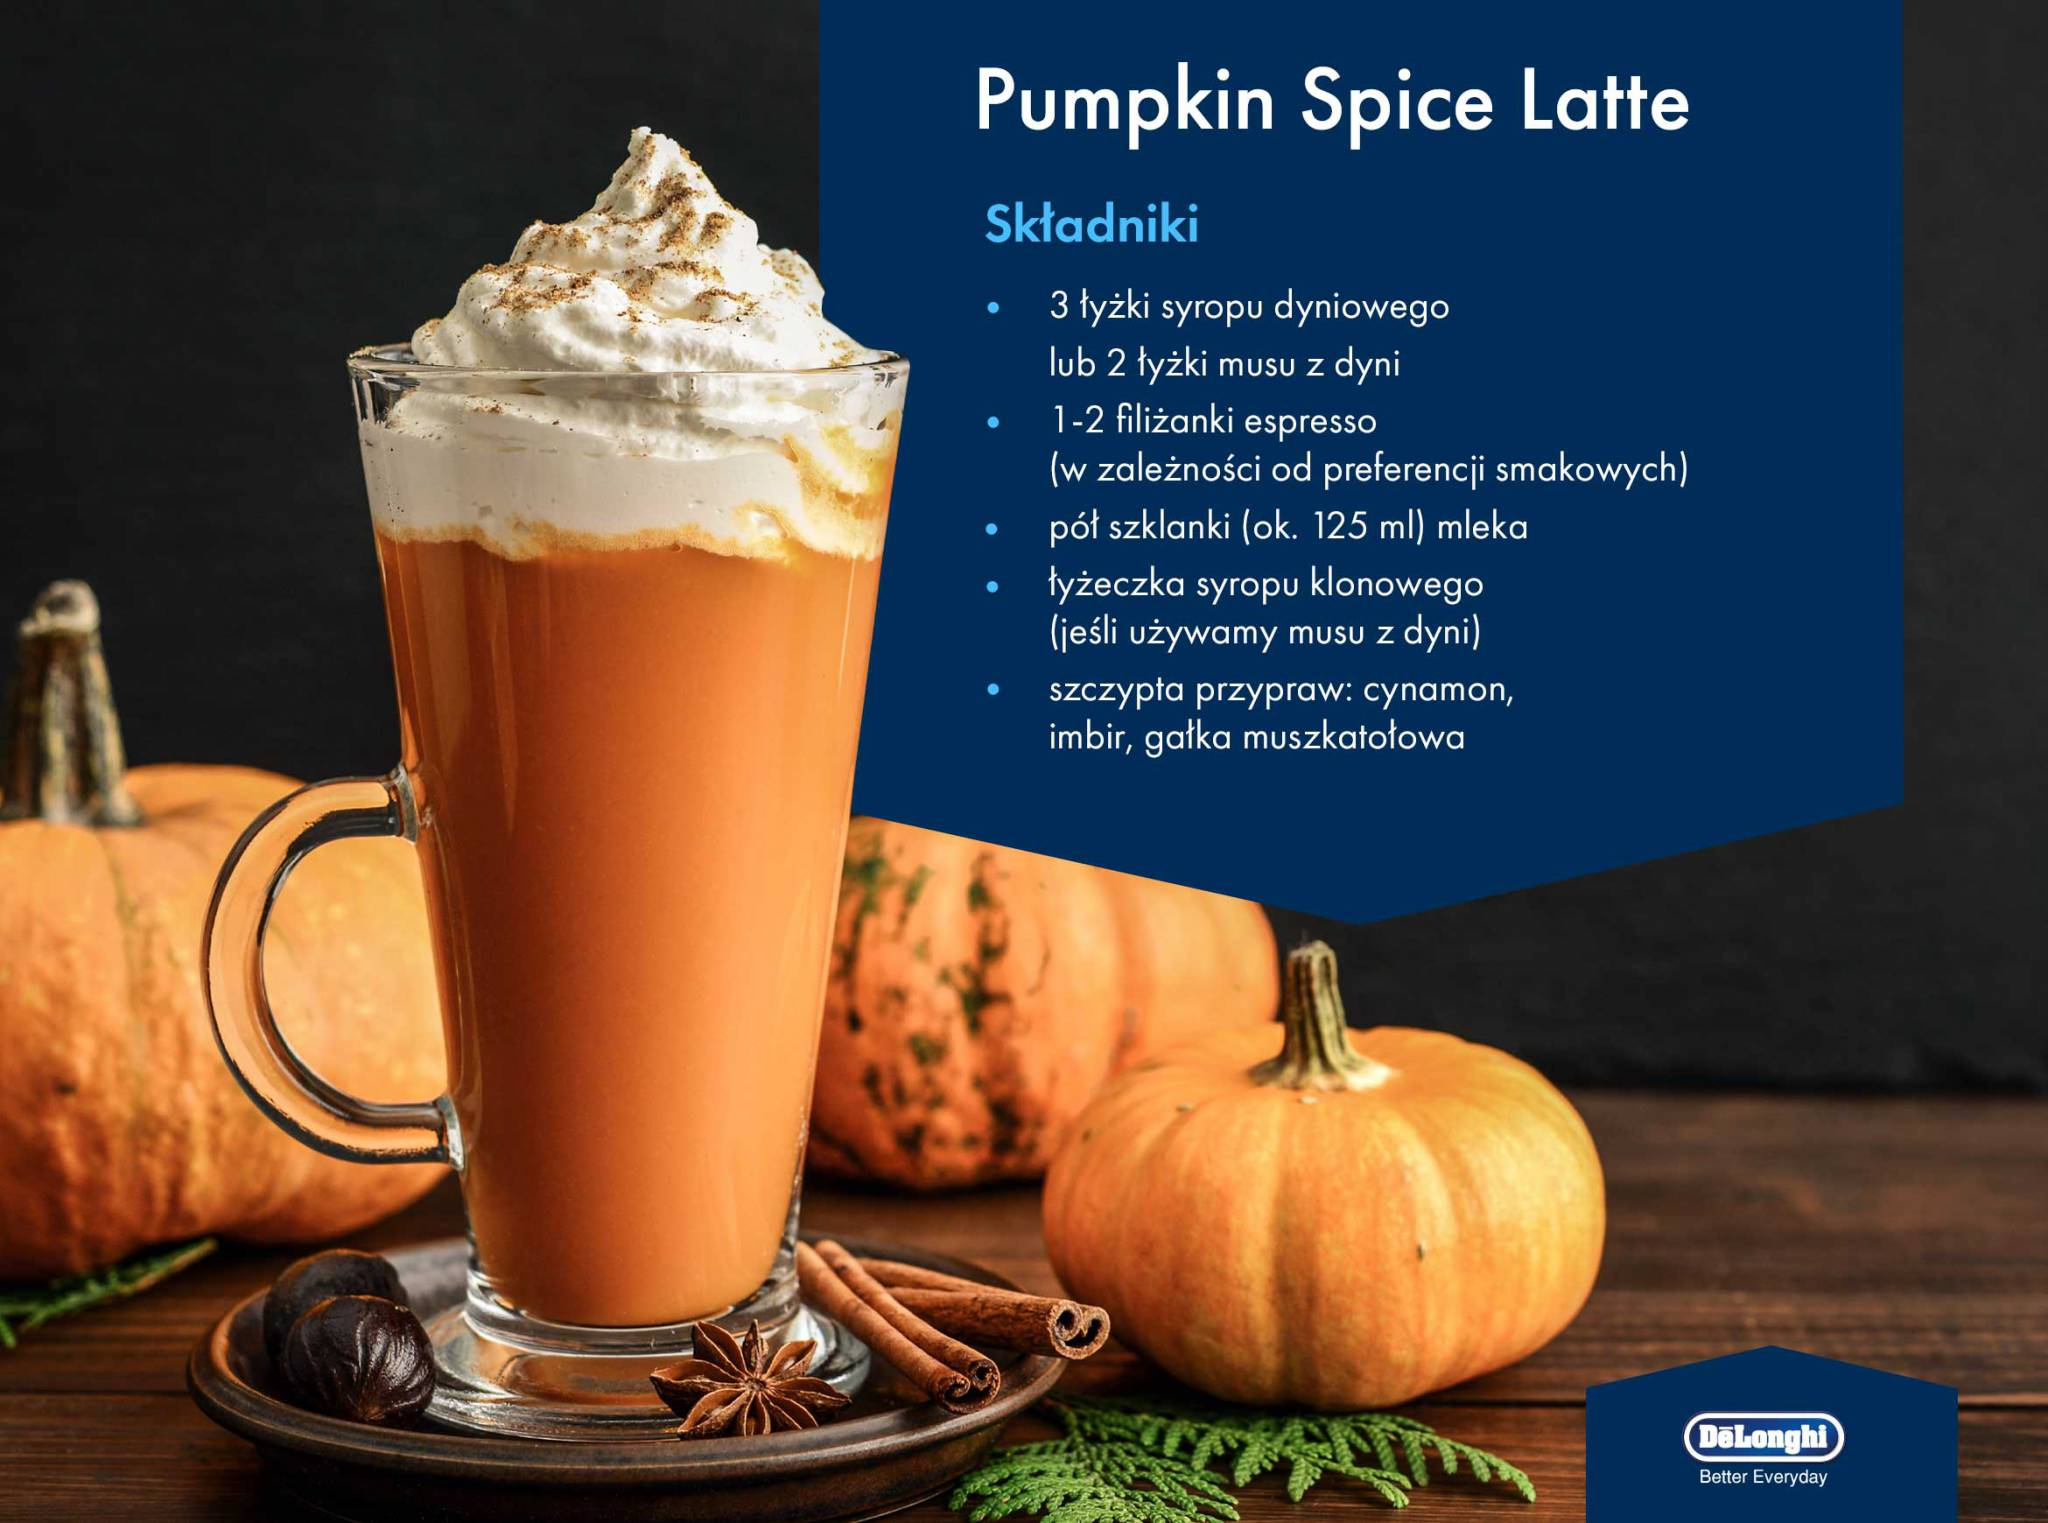 Składniki do przygotowania Pumpkin Spice Latte